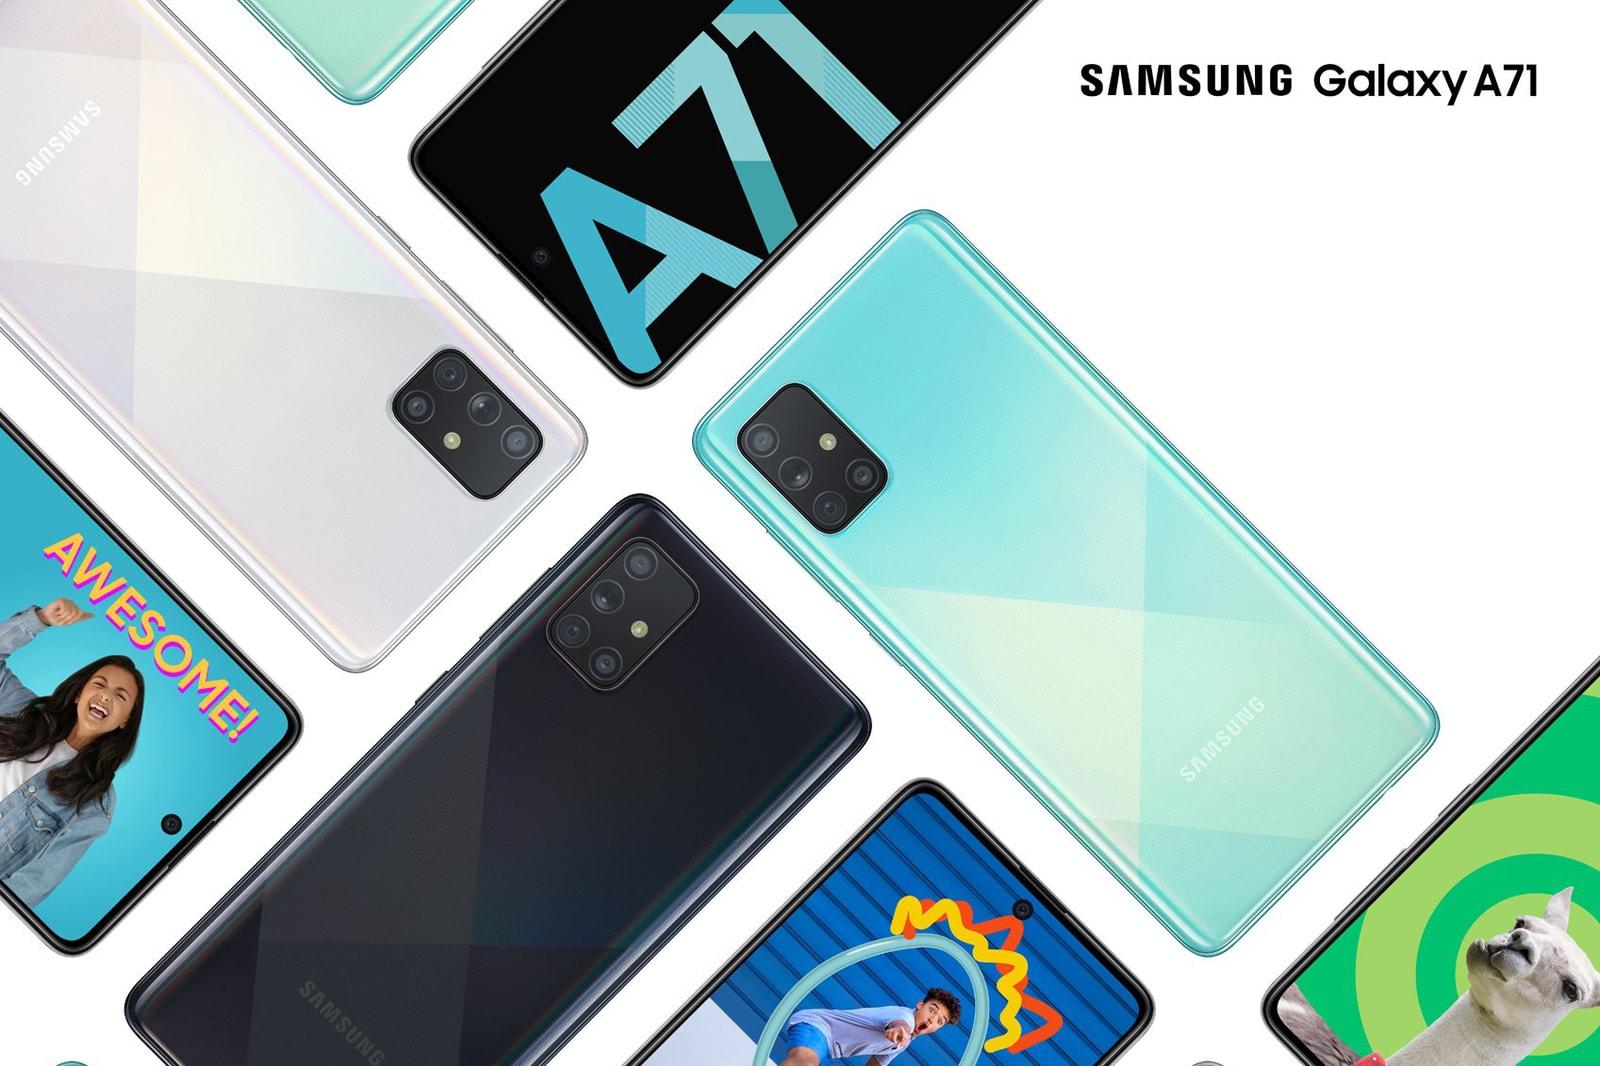 Samsung Galaxy A51 A71 photos